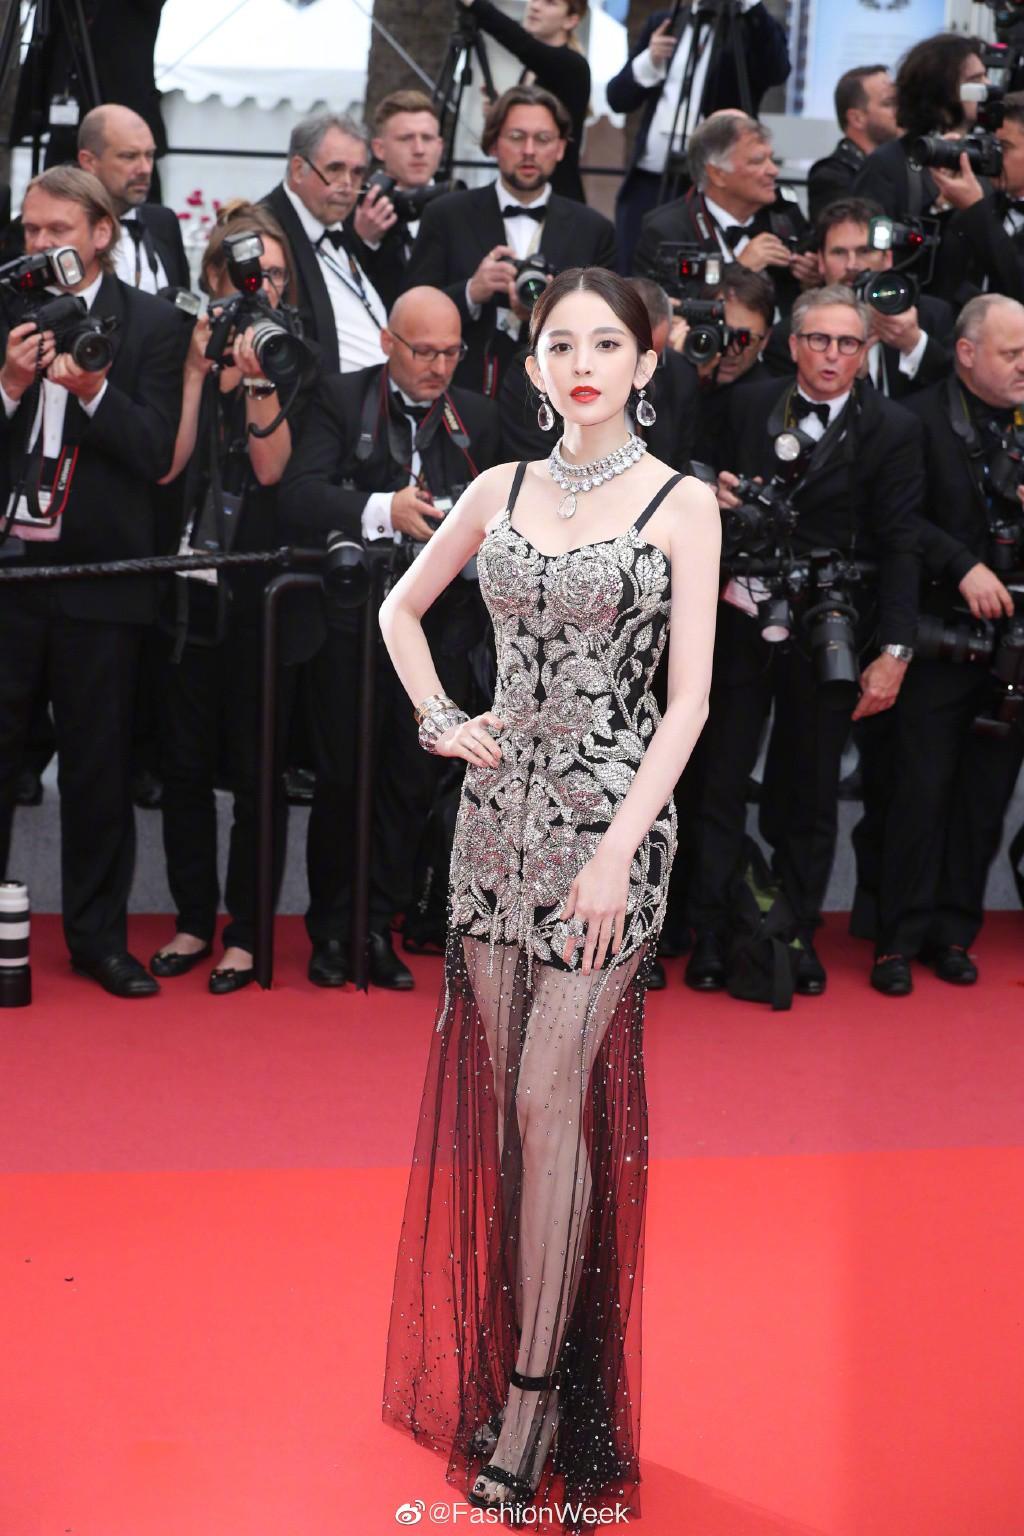 Cổ Lực Na Trát diện đầm đen xuyến thấu của thương hiệu Alexander McQueen và trang sức kim cương trên thảm đỏ lhp Cannes 2019